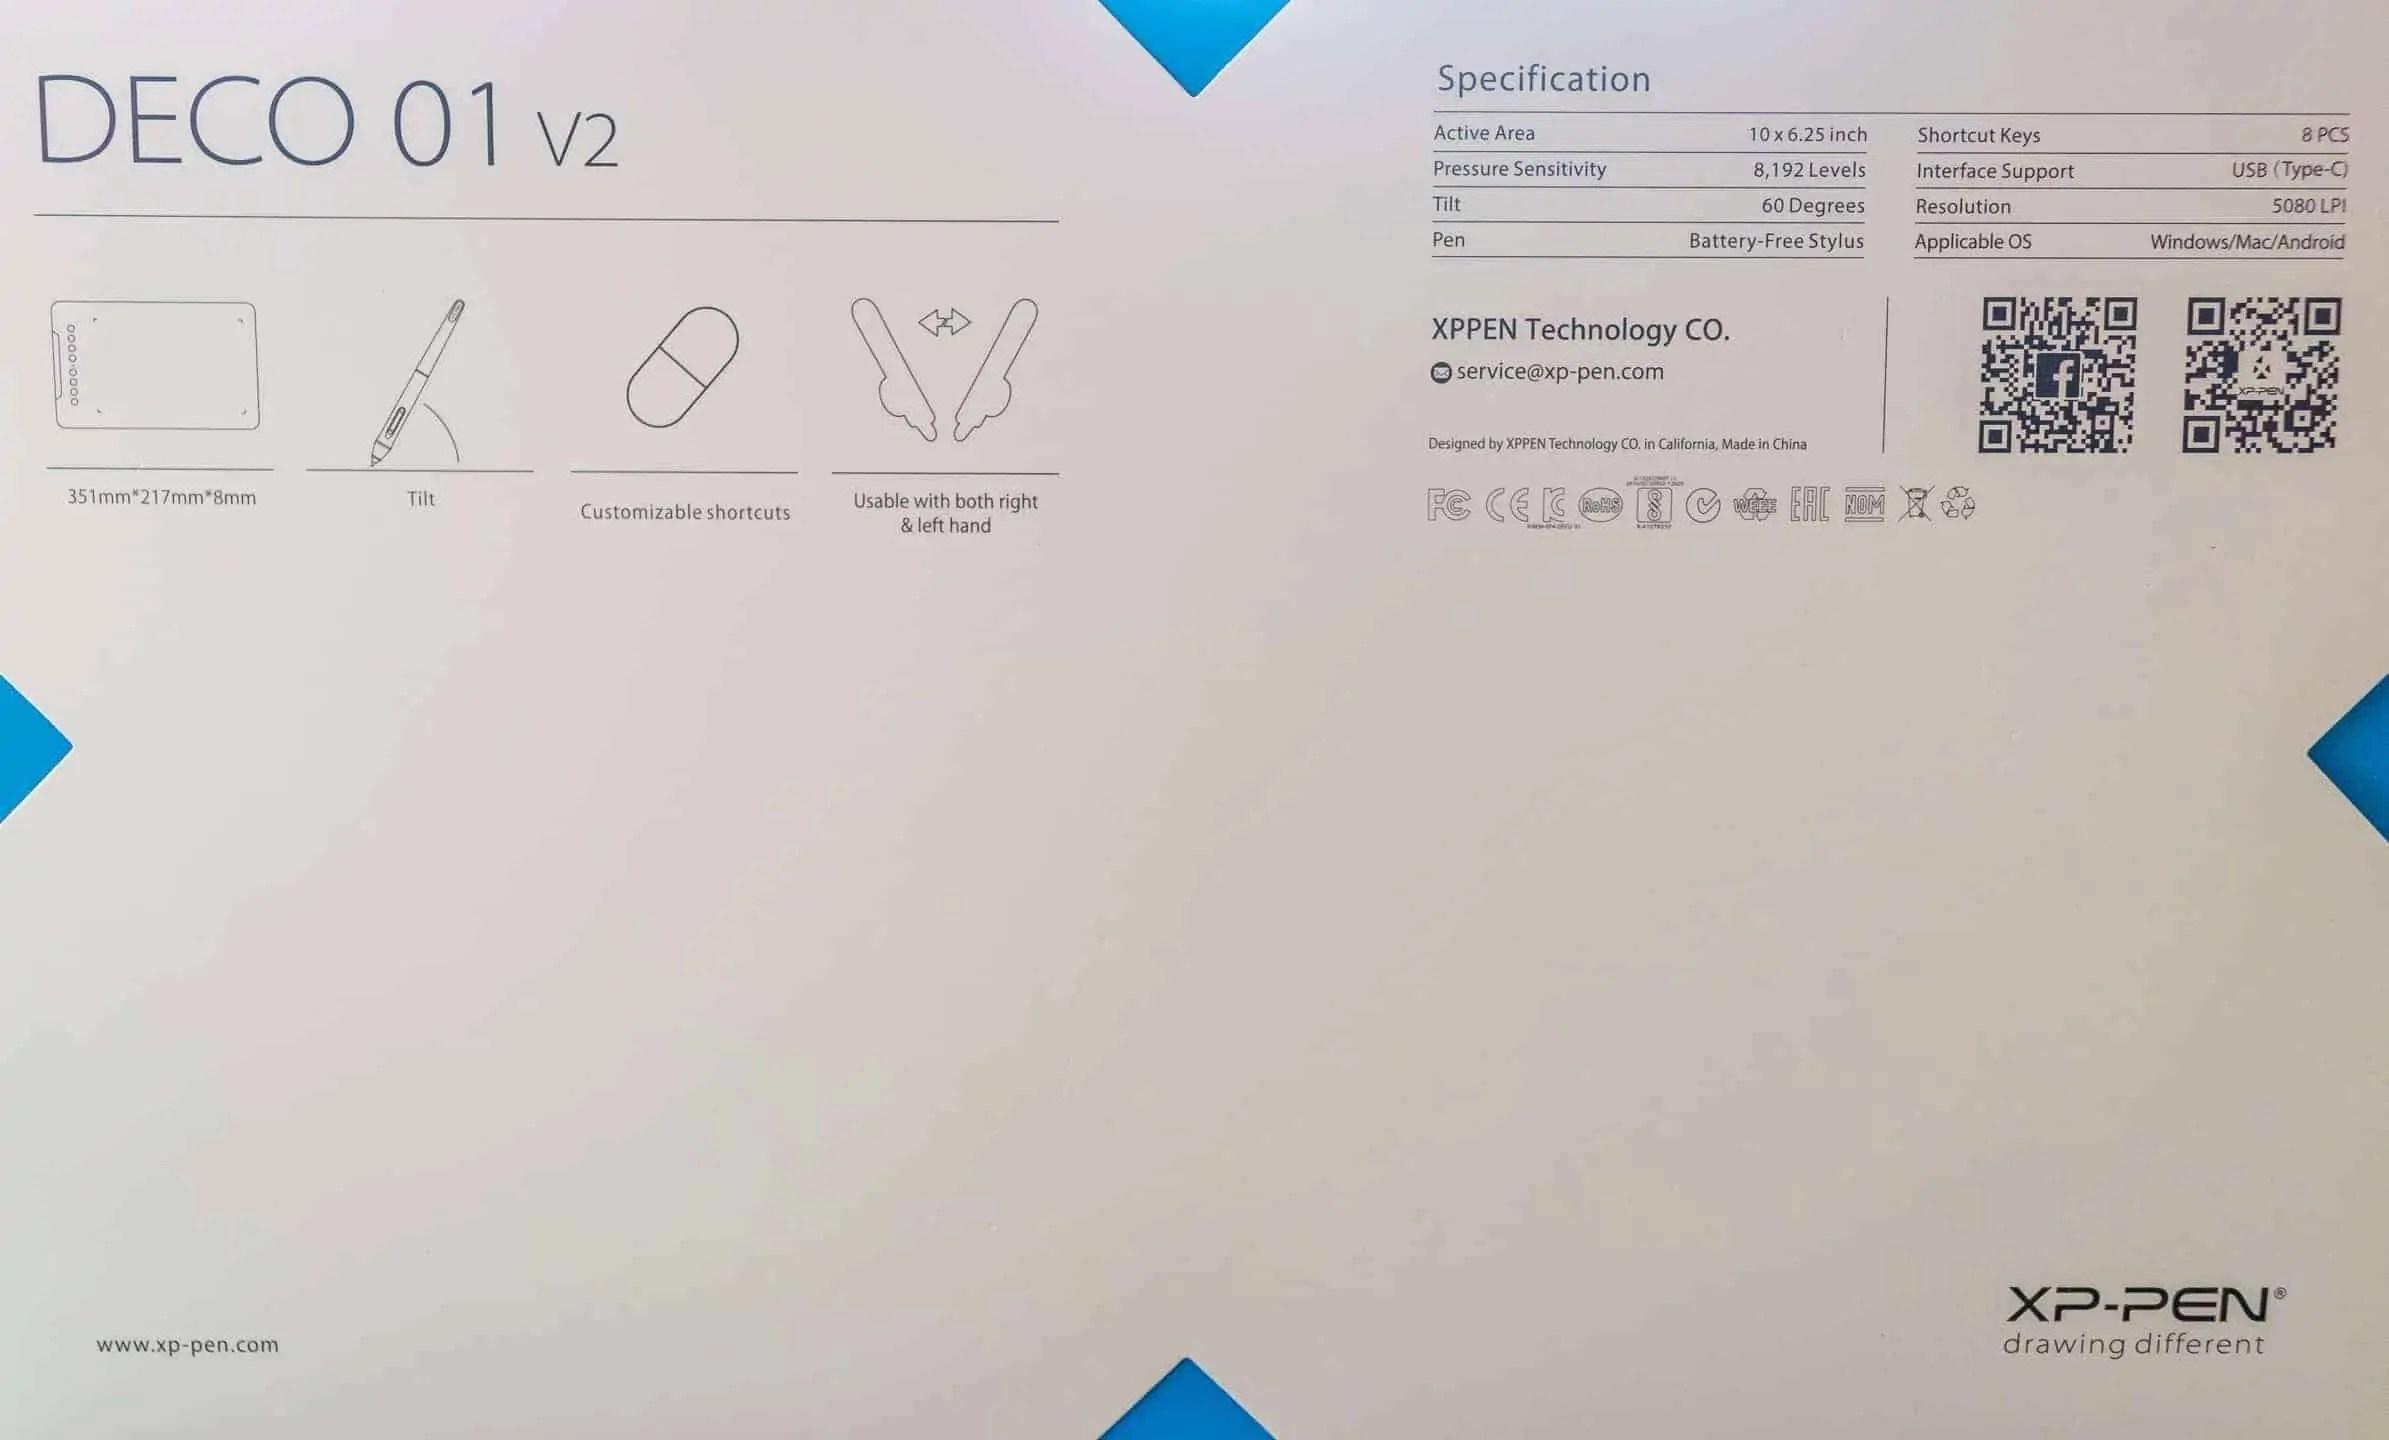 Praca z tabletem XP PEN Deco 01 v2 4 - Praca z tabletem graficznym XP PEN Deco 01 v2